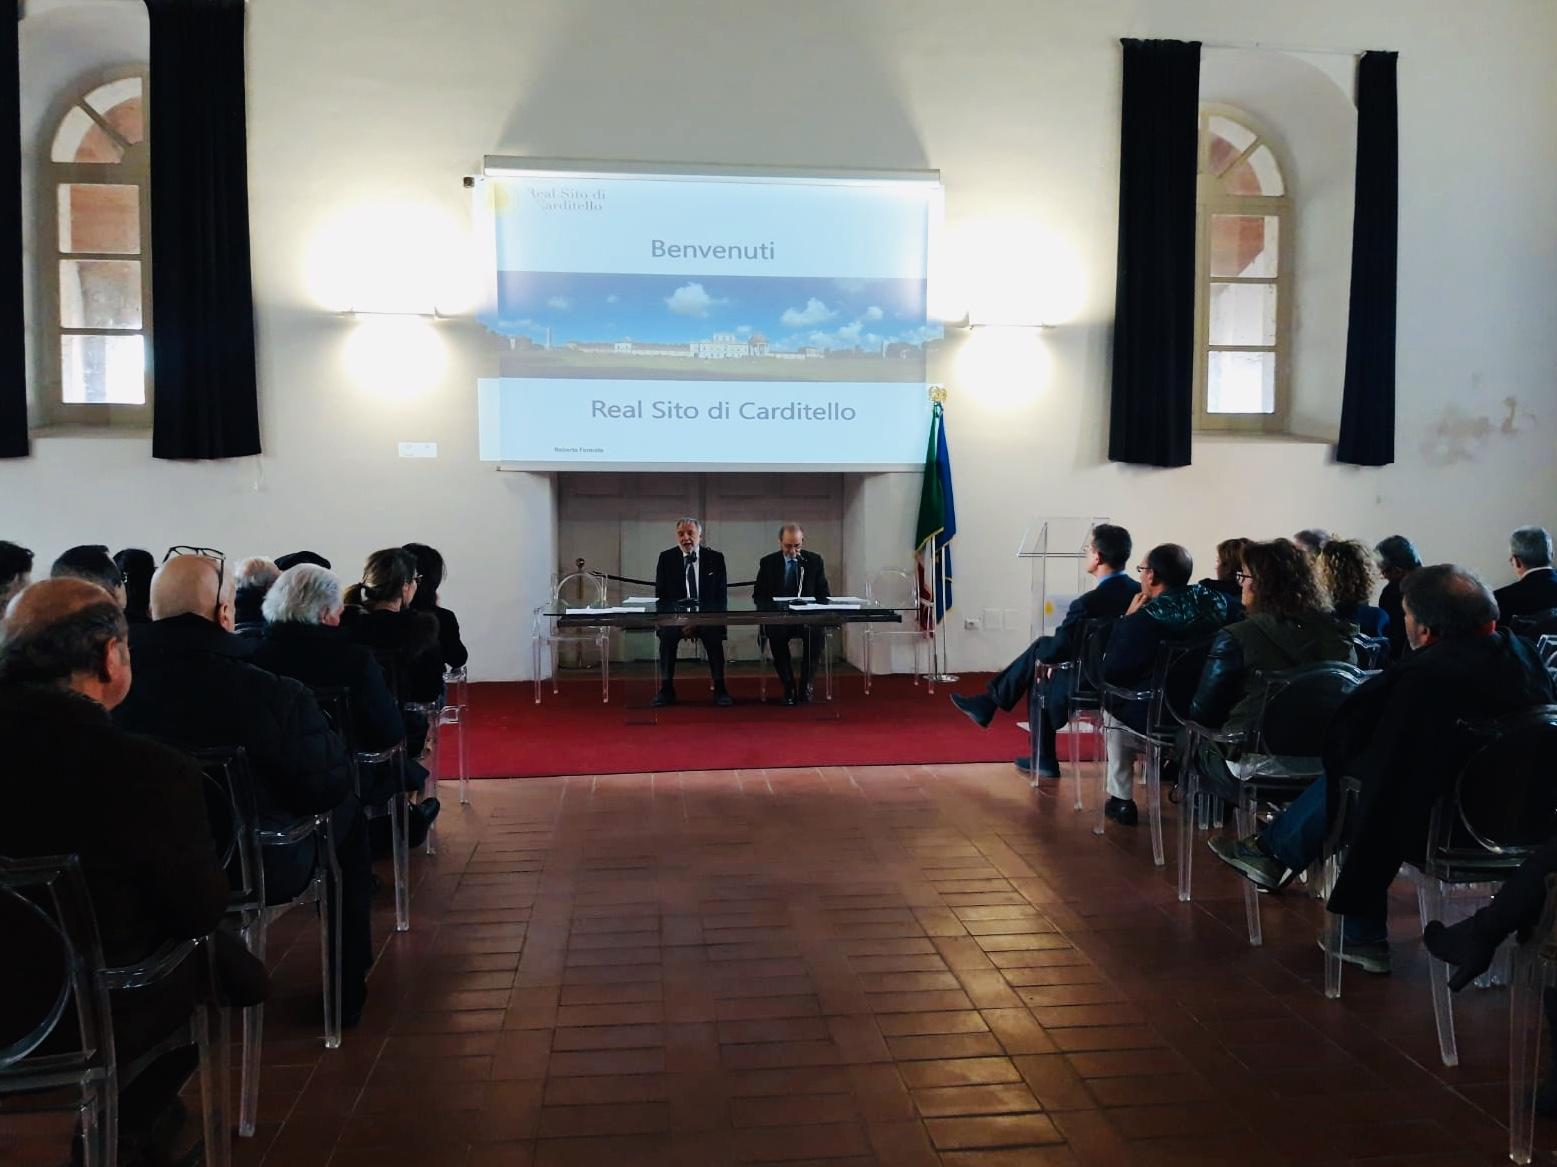 La Campania é la prima regione italiana per investimenti in cultura, XV Rapporto di Federculture